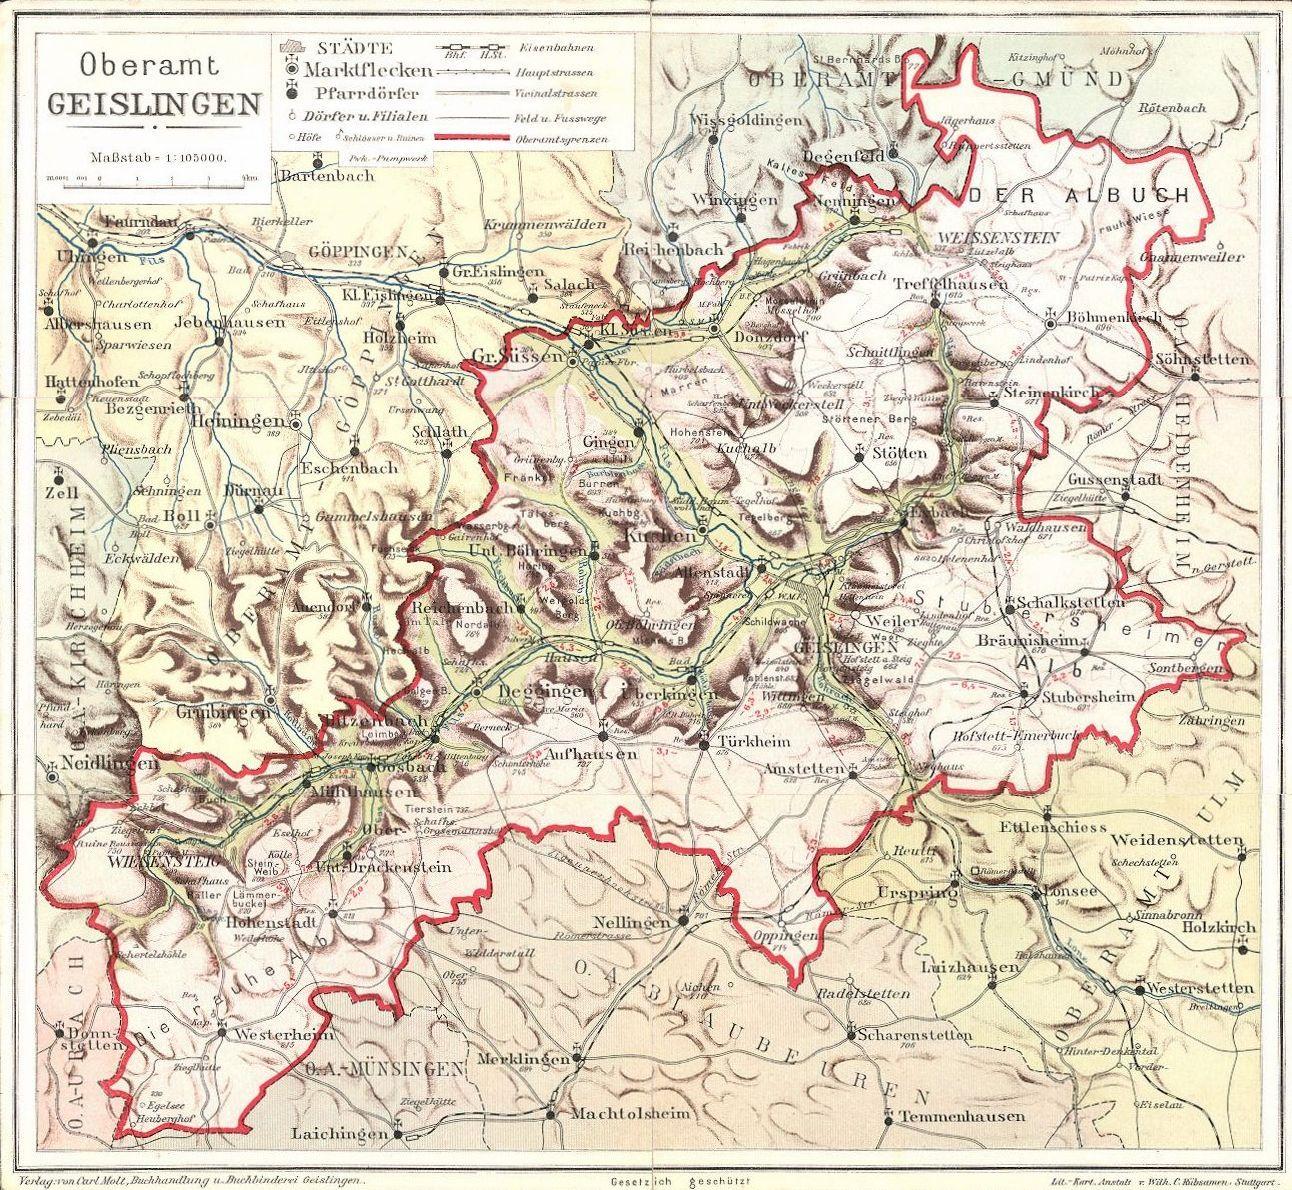 oberamt-geislingen-karte